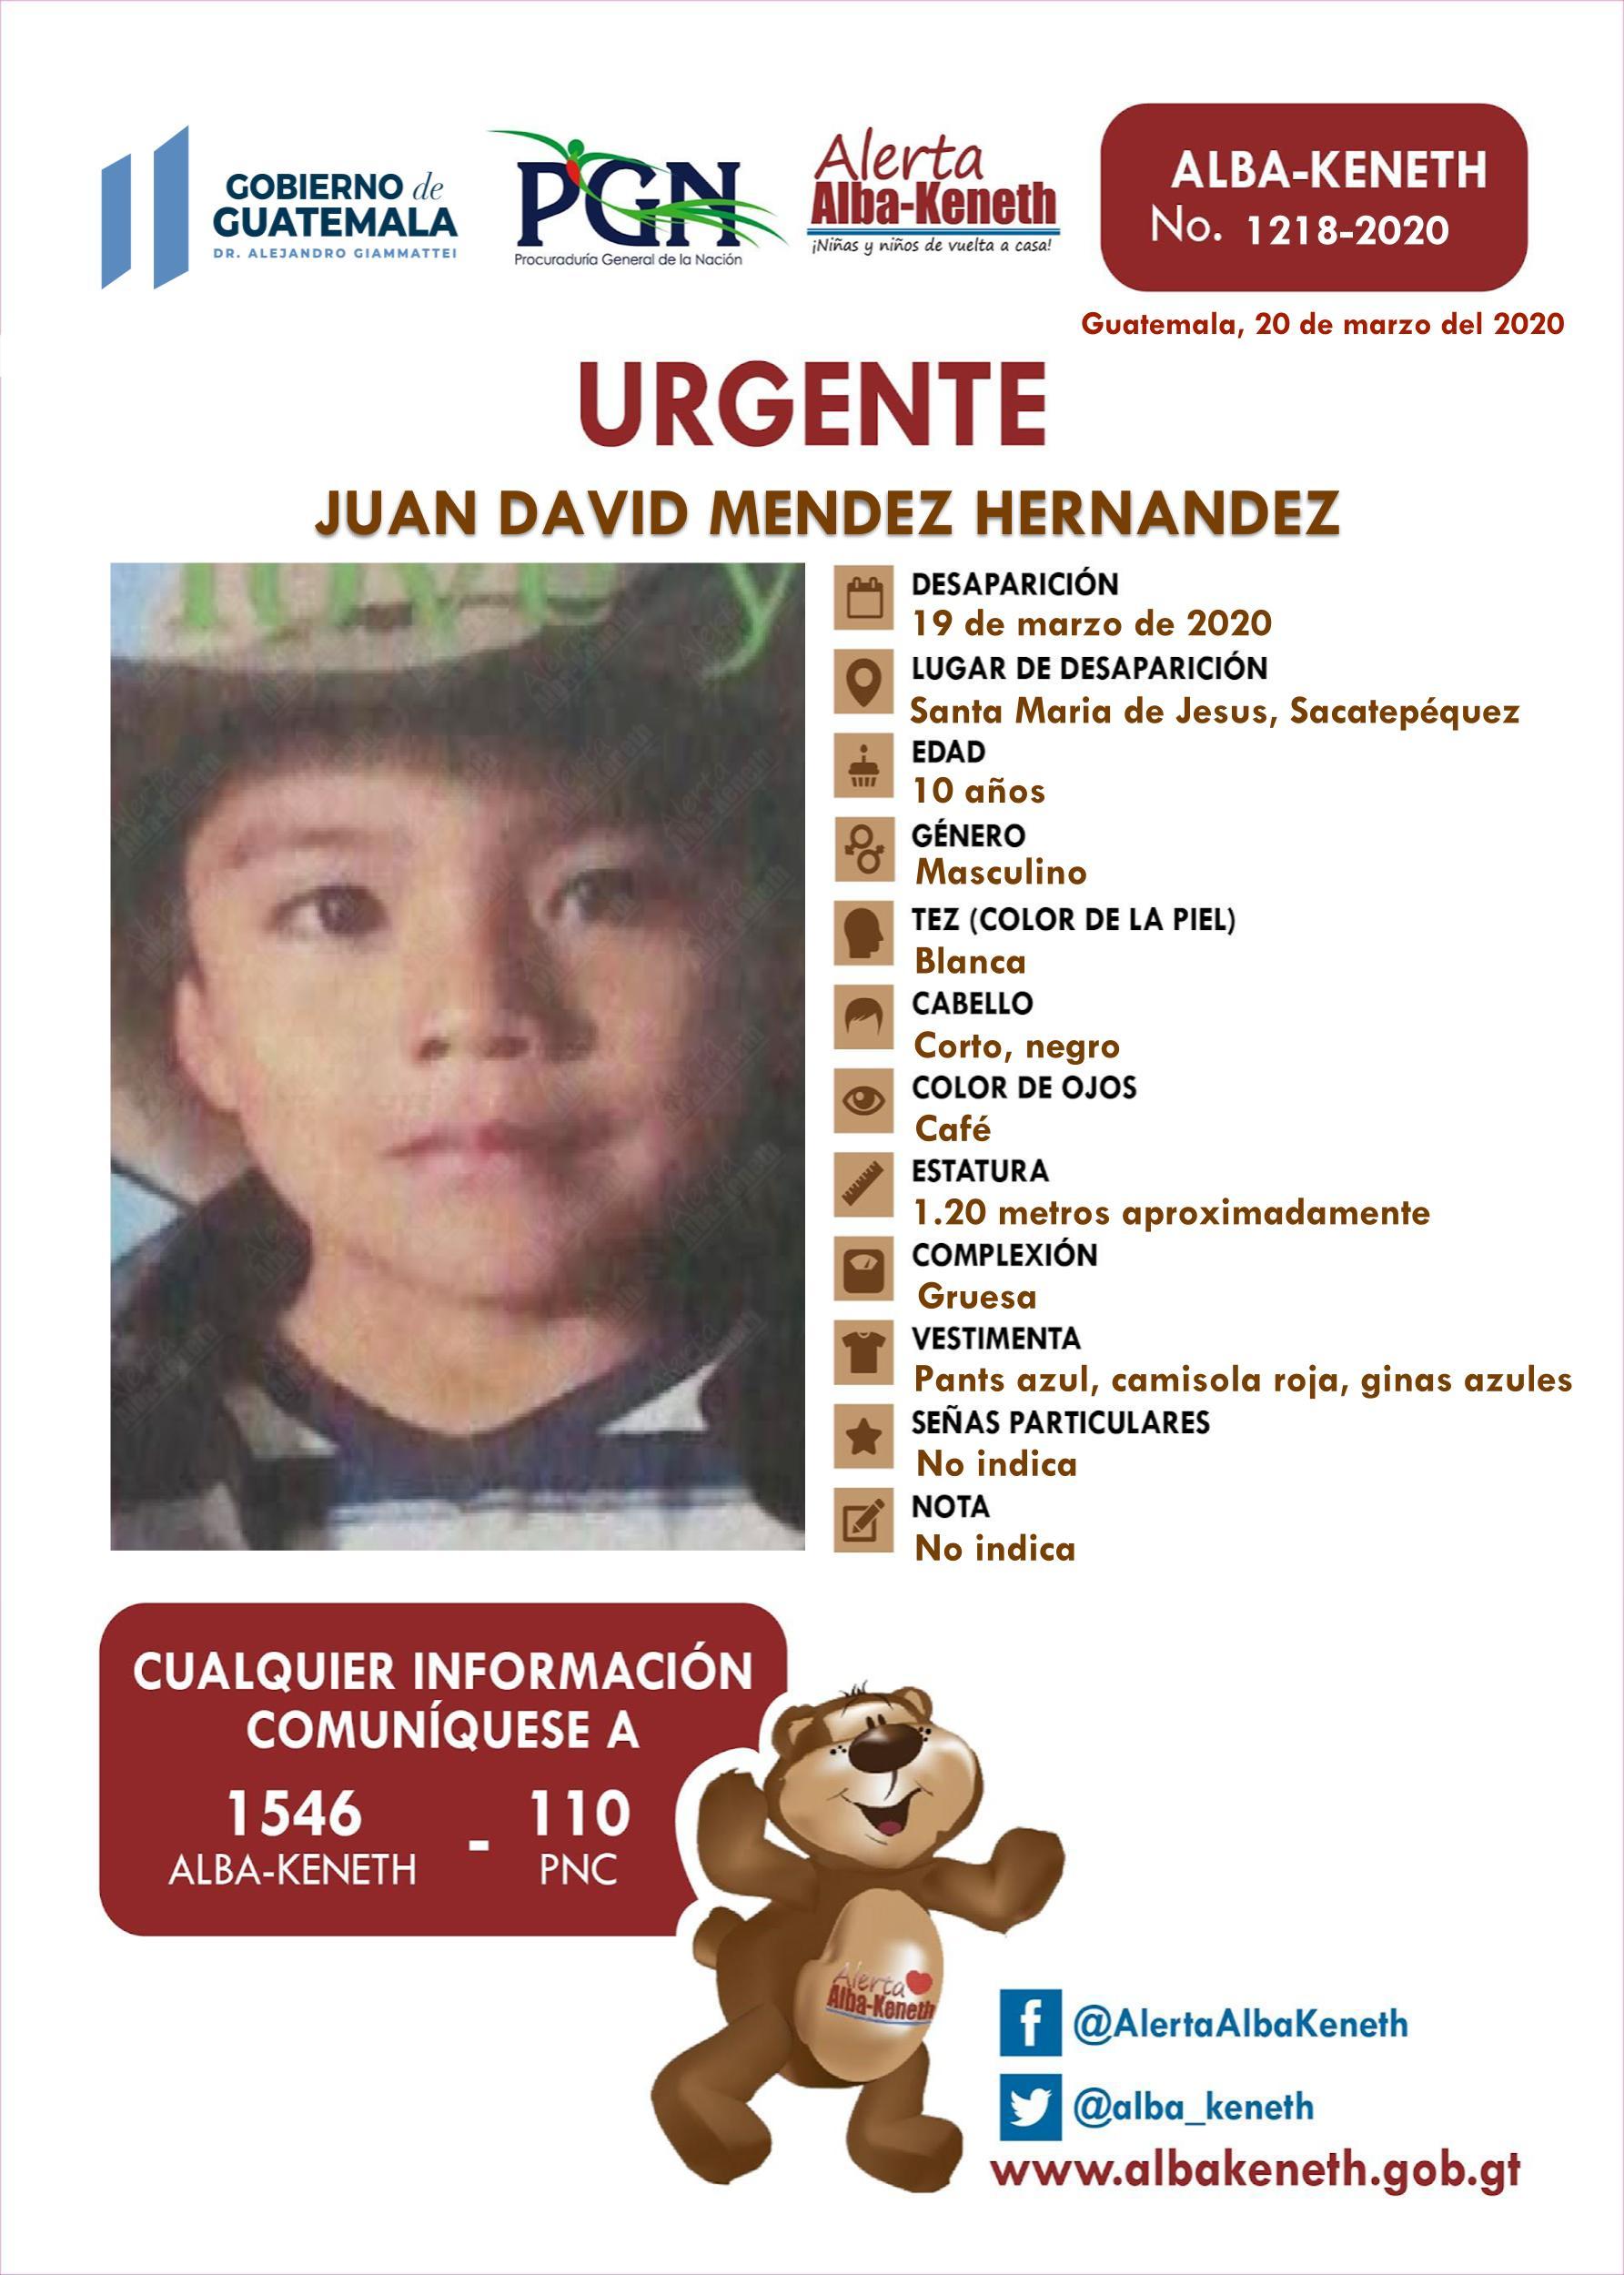 Juan David Mendez Hernandez